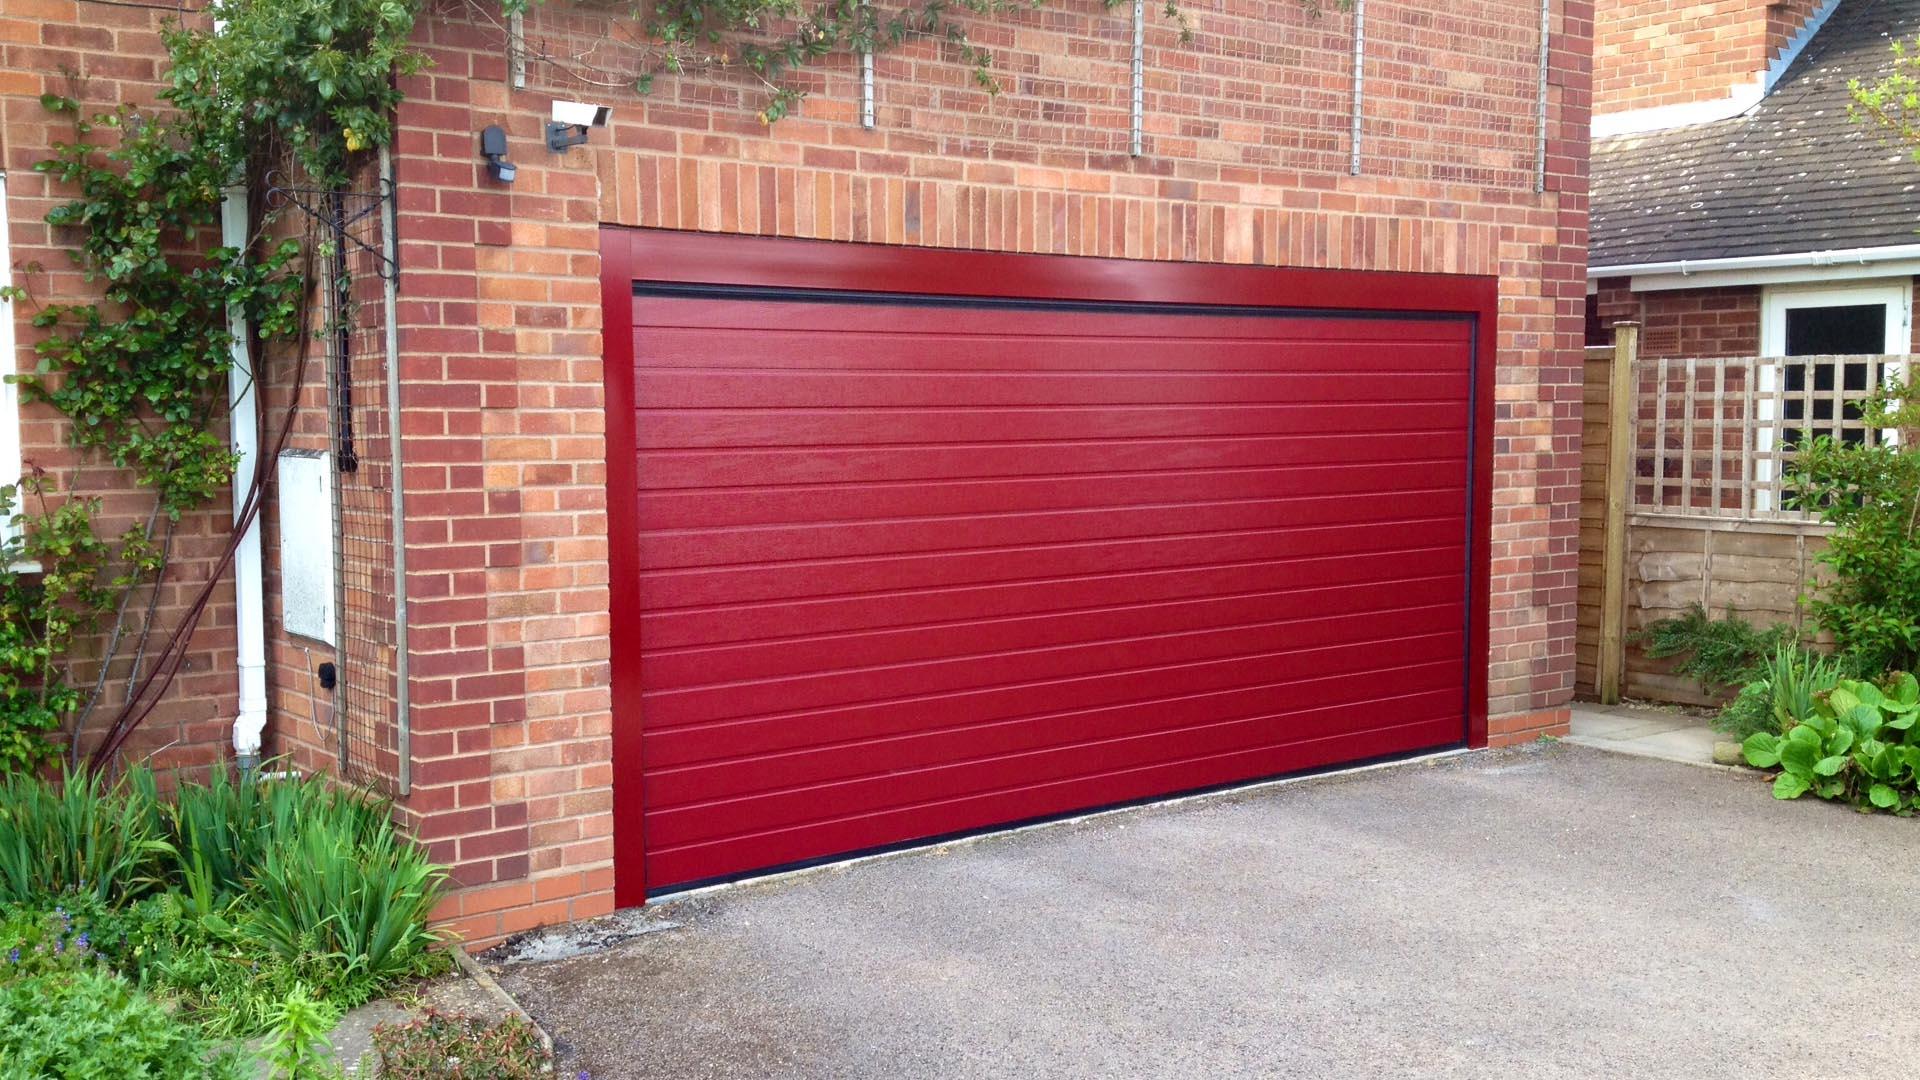 Garage Doors Polycastle Ltd Is The Home Improvement Specialists In